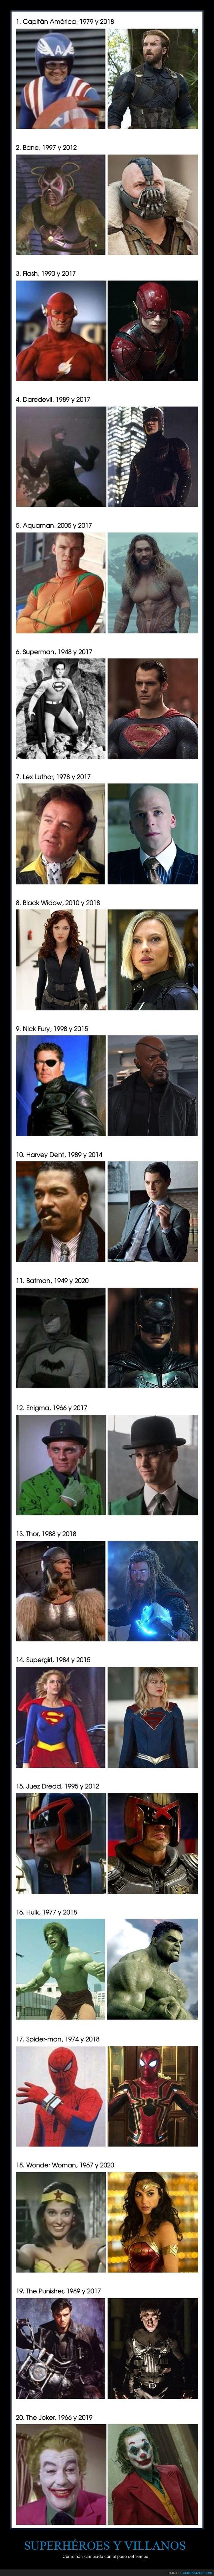 antes,después,superhéroes,villanos